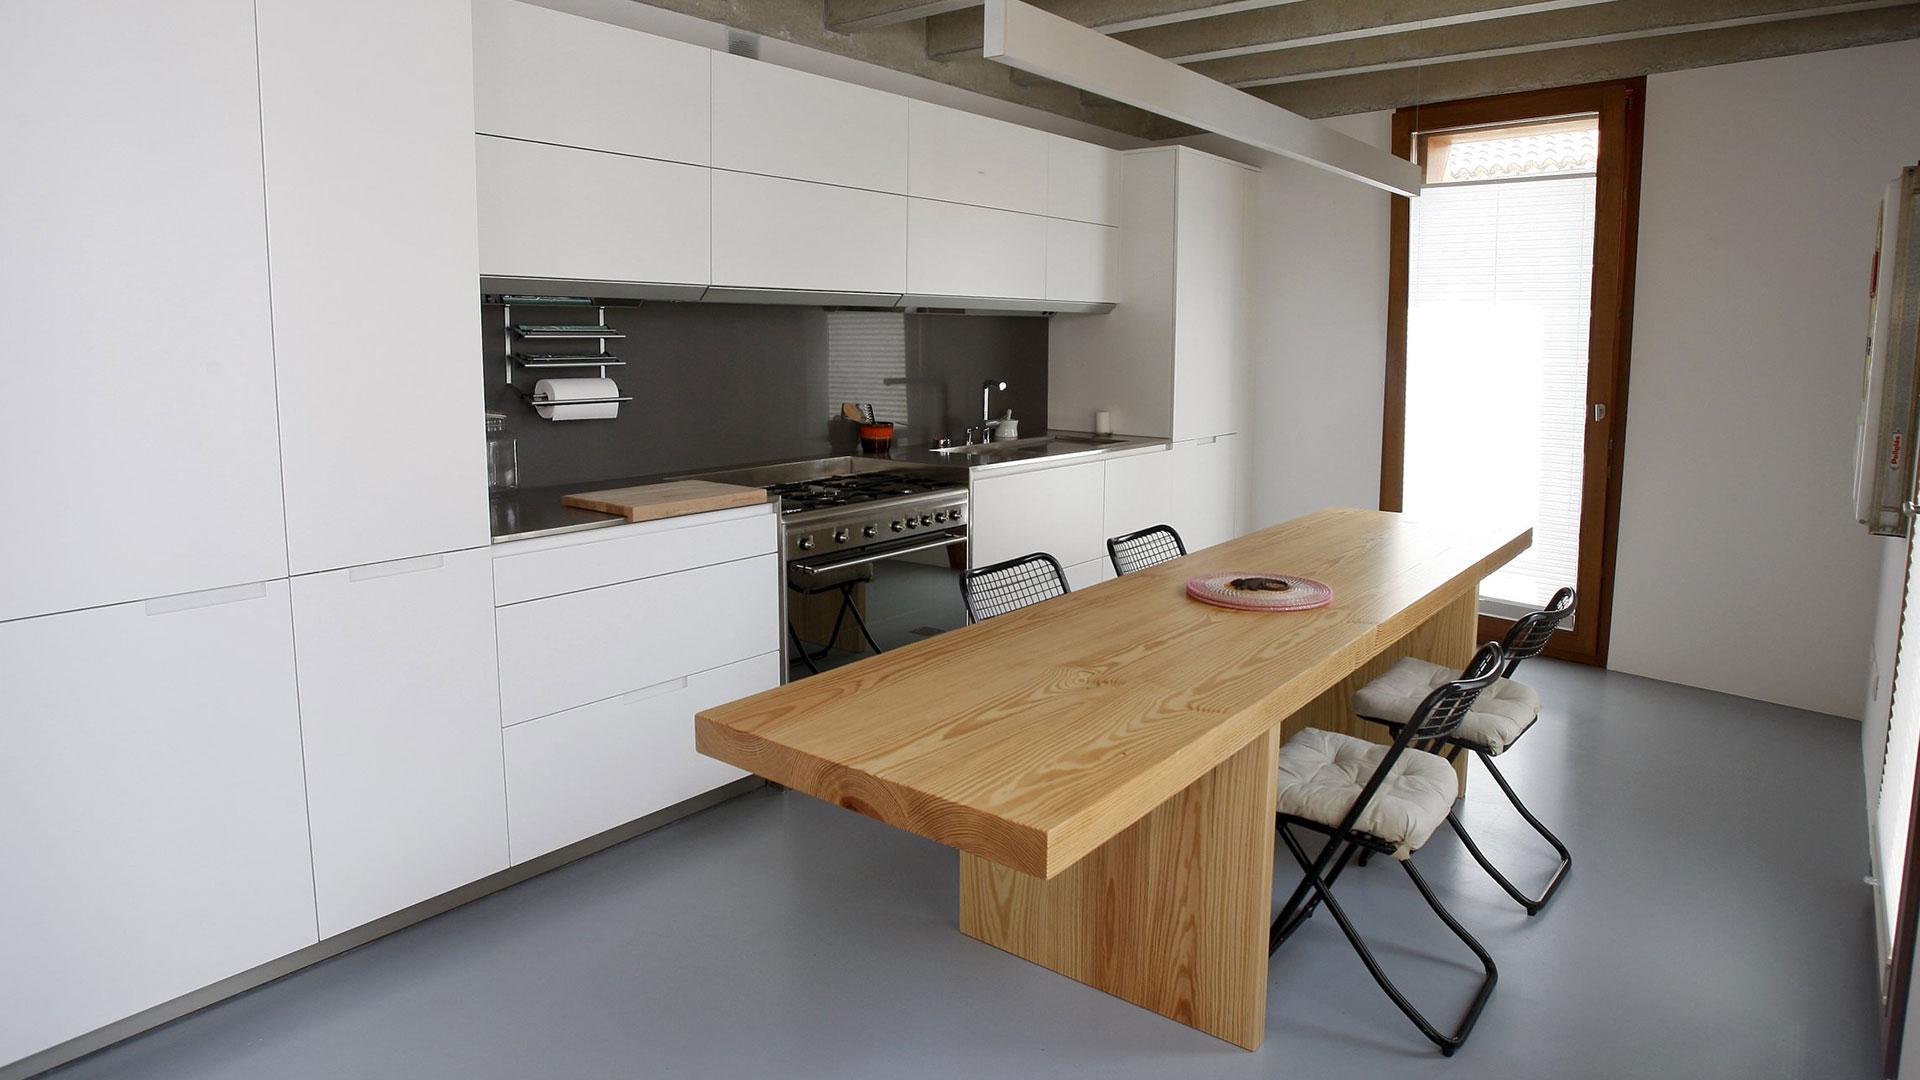 Rehabilitación a Fondo Cocina Santiago Interiores